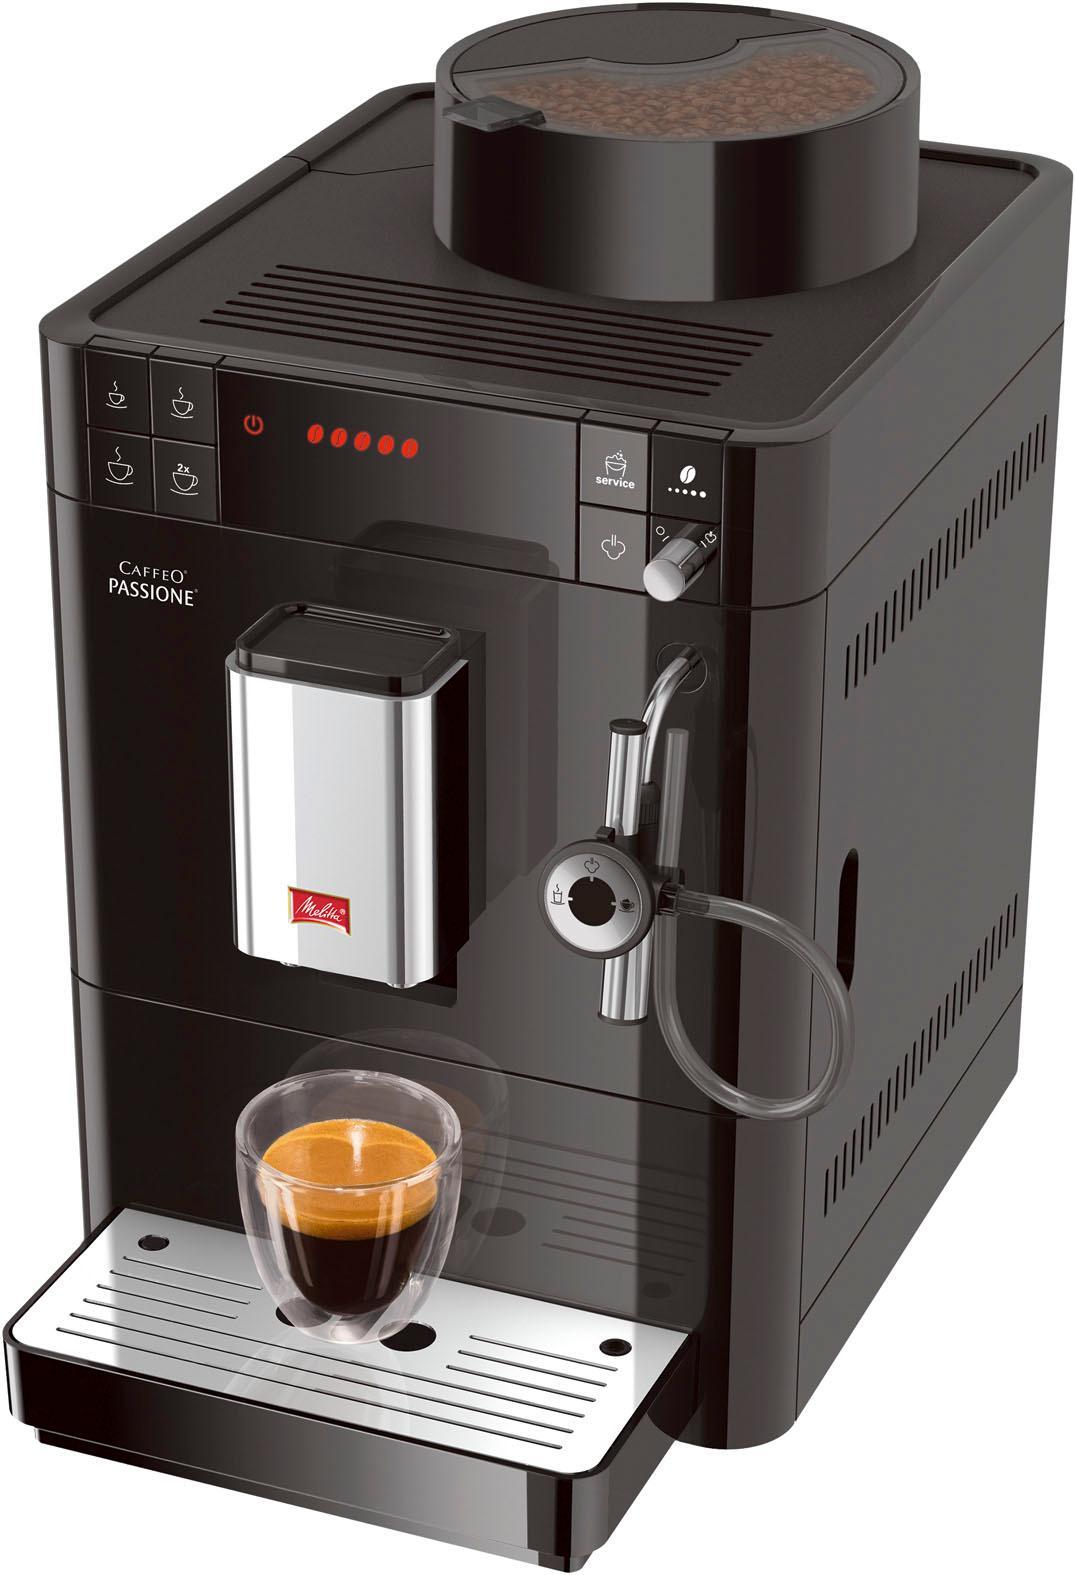 Melitta Kaffeevollautomat Passione F53/0-102 schwarz, 1, 2l Tank, Kegelmahlwerk   Küche und Esszimmer > Kaffee und Tee > Kaffeevollautomaten   Schwarz   Melitta